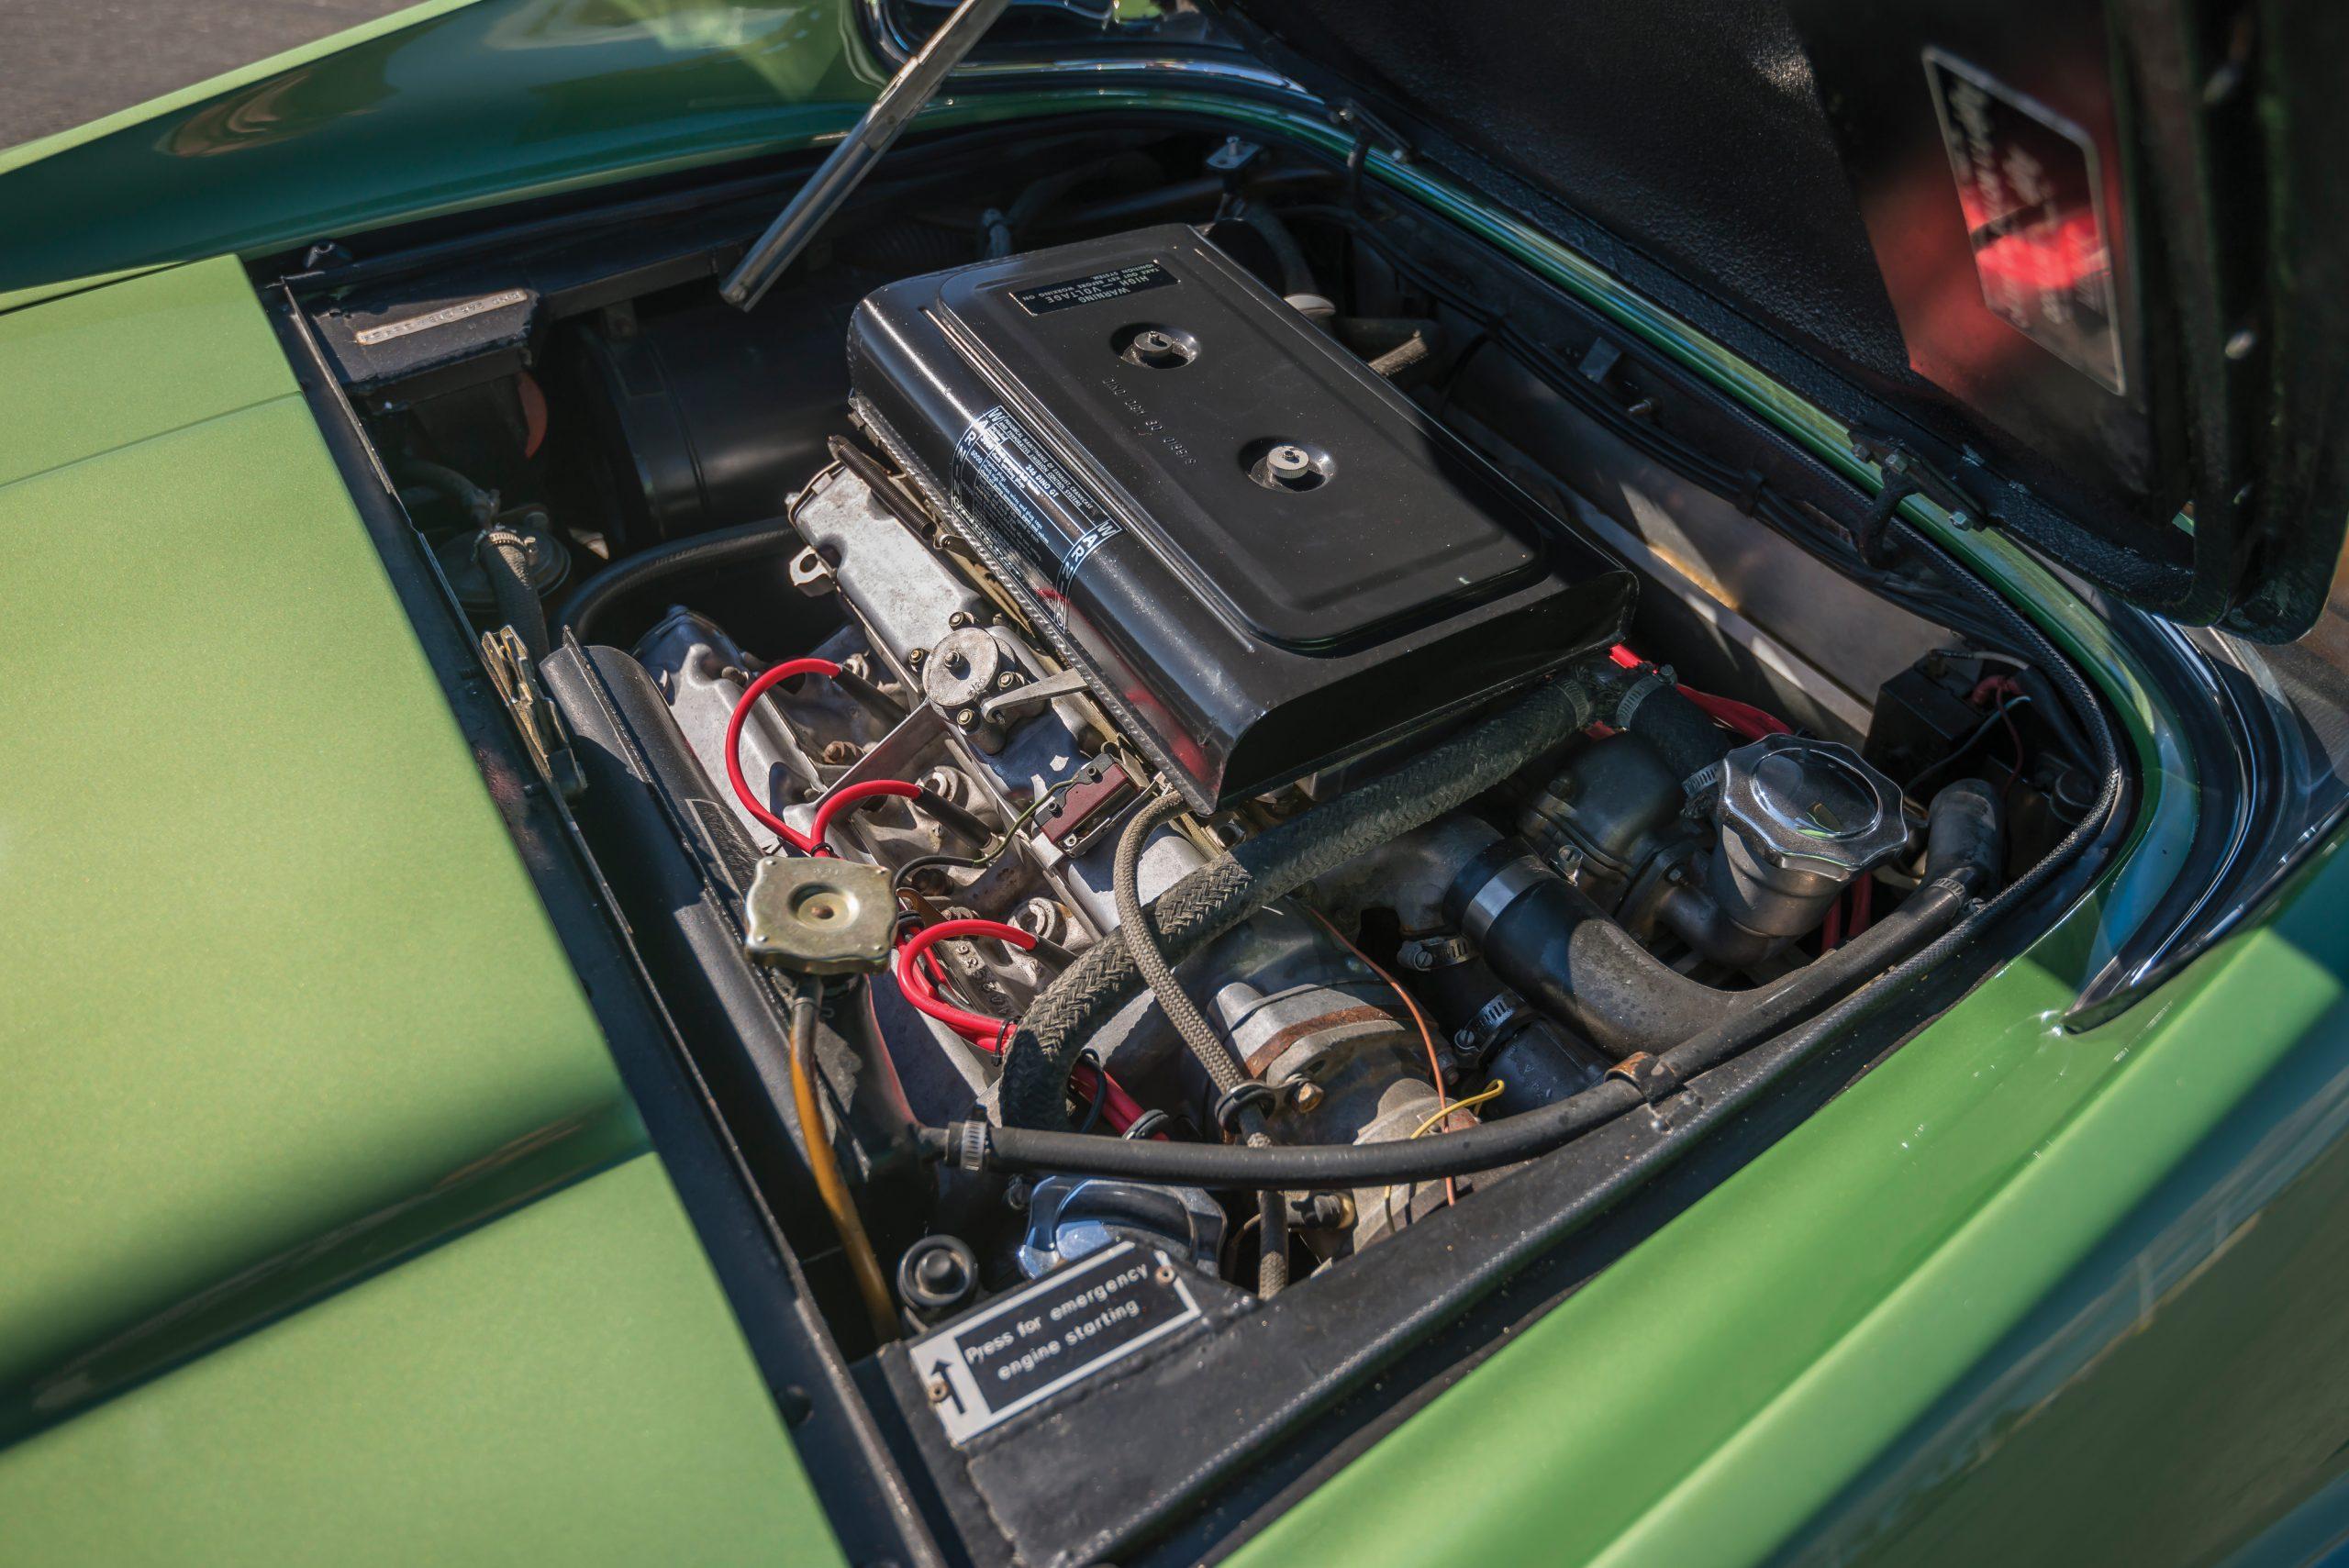 1974 Ferrari Dino 246 GTS by Scaglietti engine